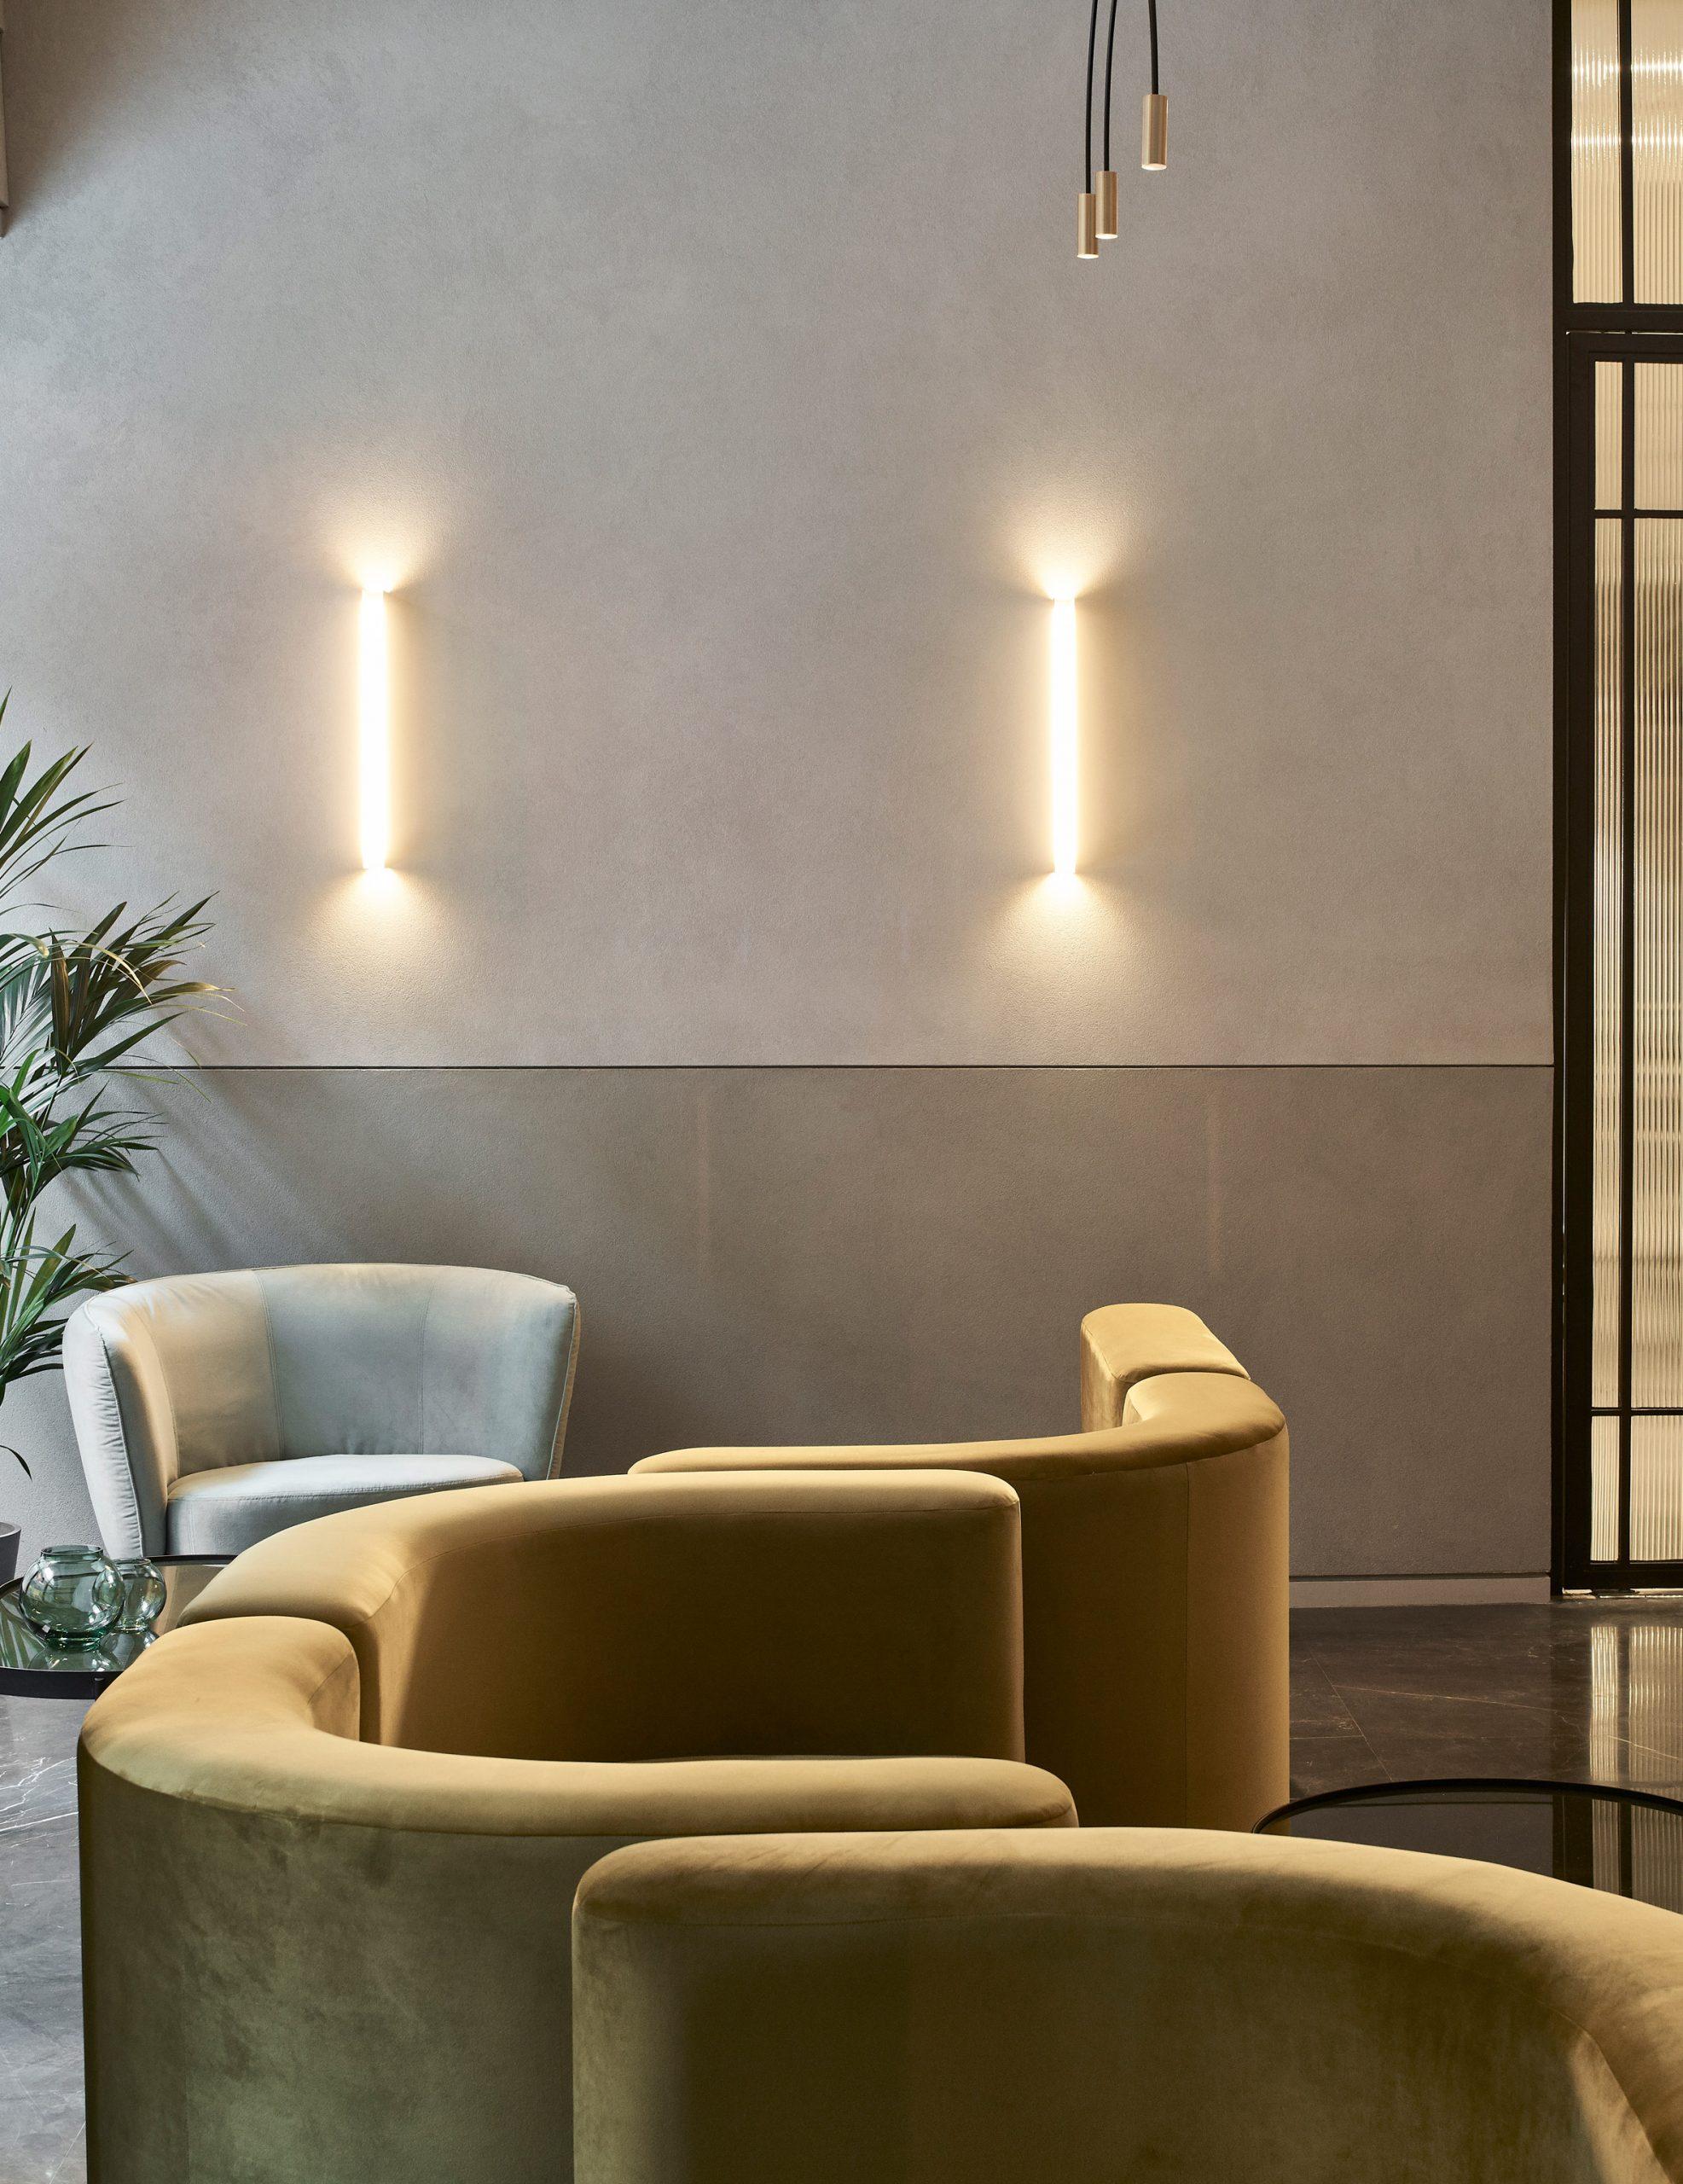 Thiết kế nội thất khách sạn 4 sao 3